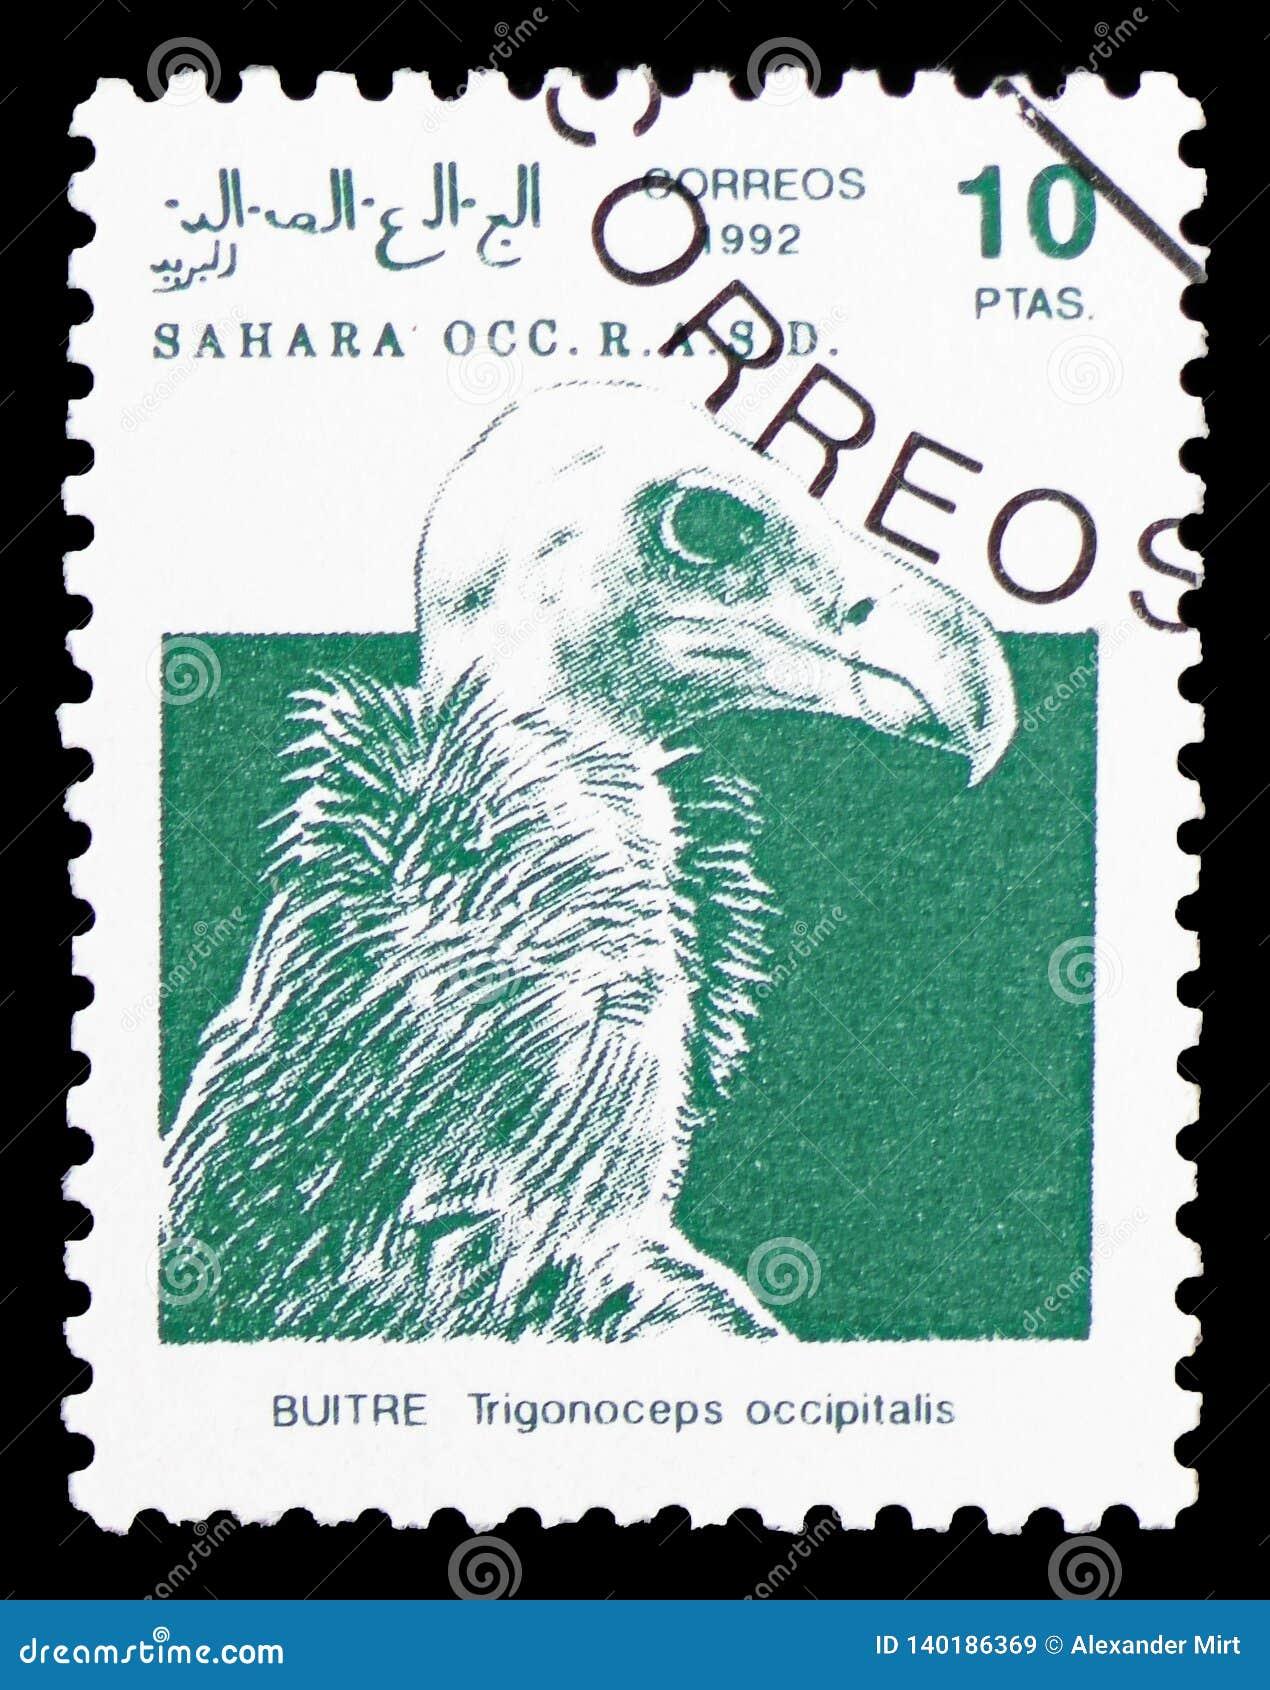 Седоволасый хищник (occipitalis), Сахара Occ Trigonoceps serie, около 1992